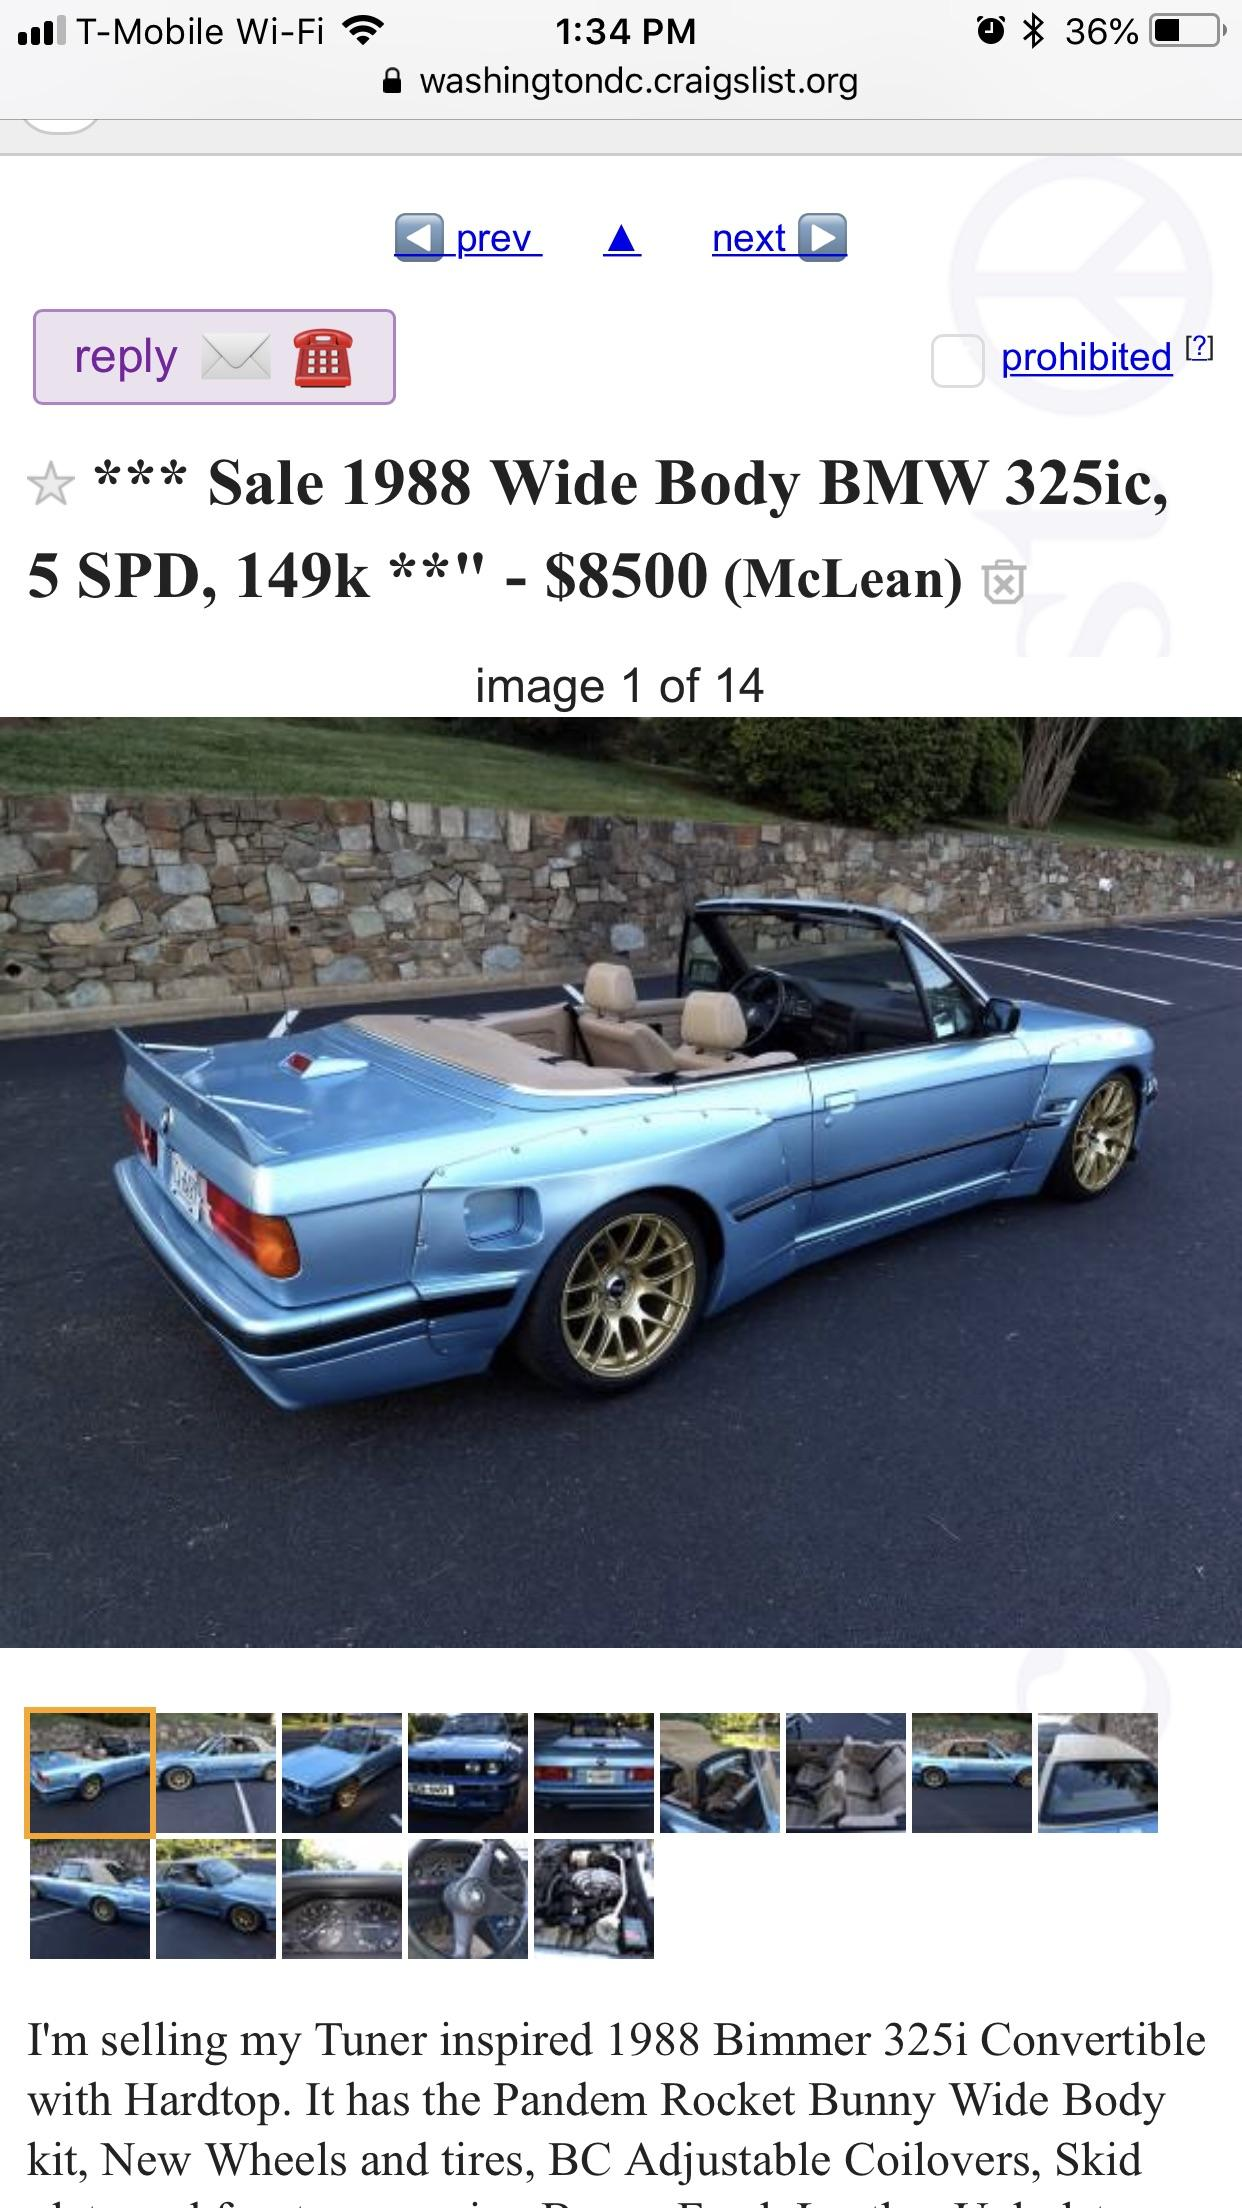 Bmw 325i For Sale Craigslist : craigslist, Body?, Sale,, Won't, Shitty_Car_Mods